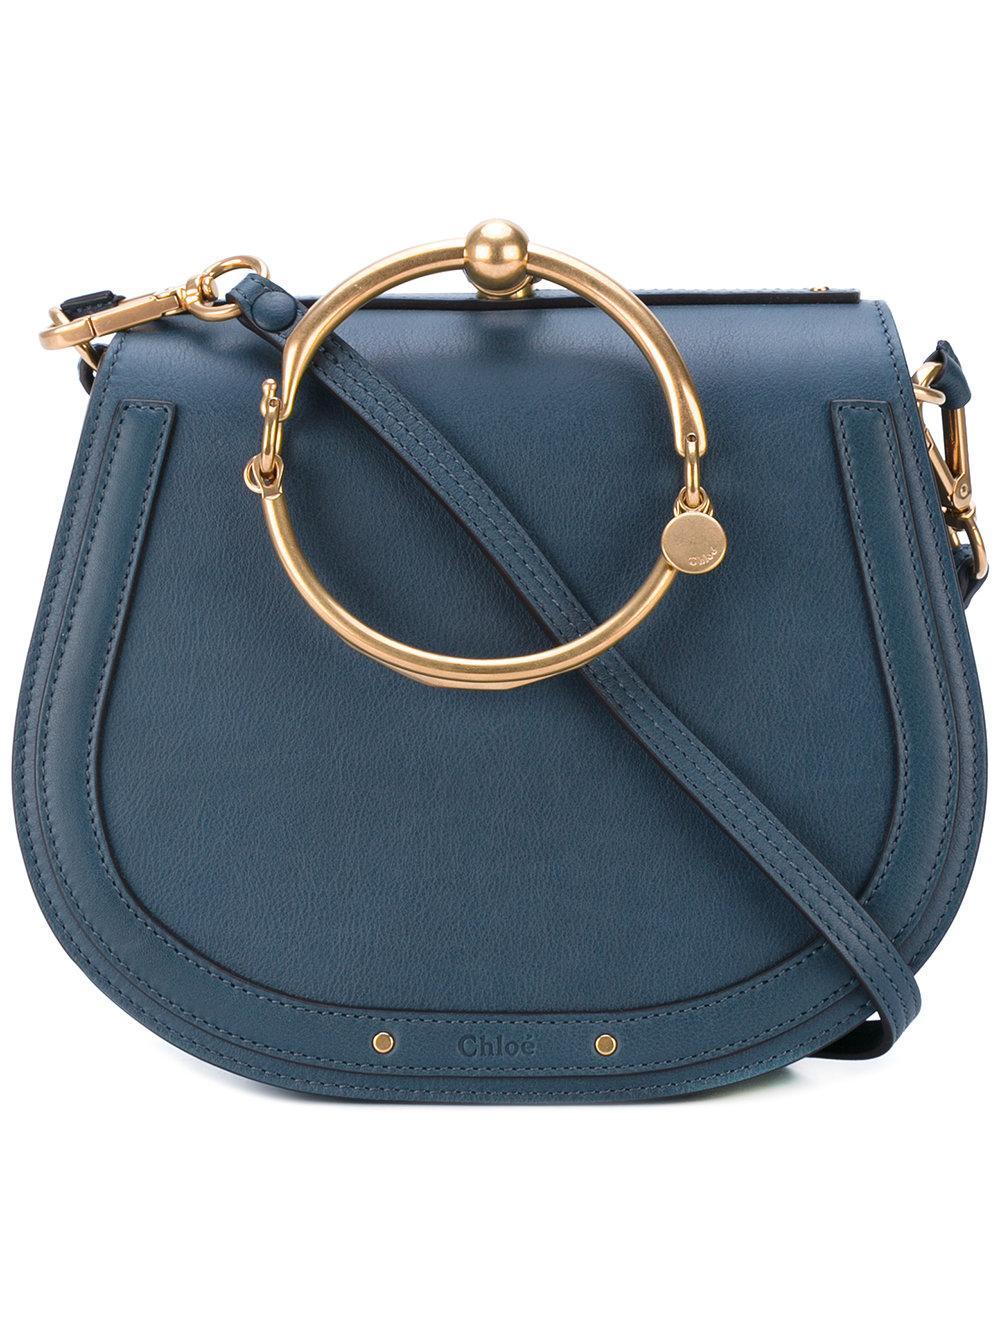 c37eed387c4e Chloé Nile Bracelet Shoulder Bag in Blue